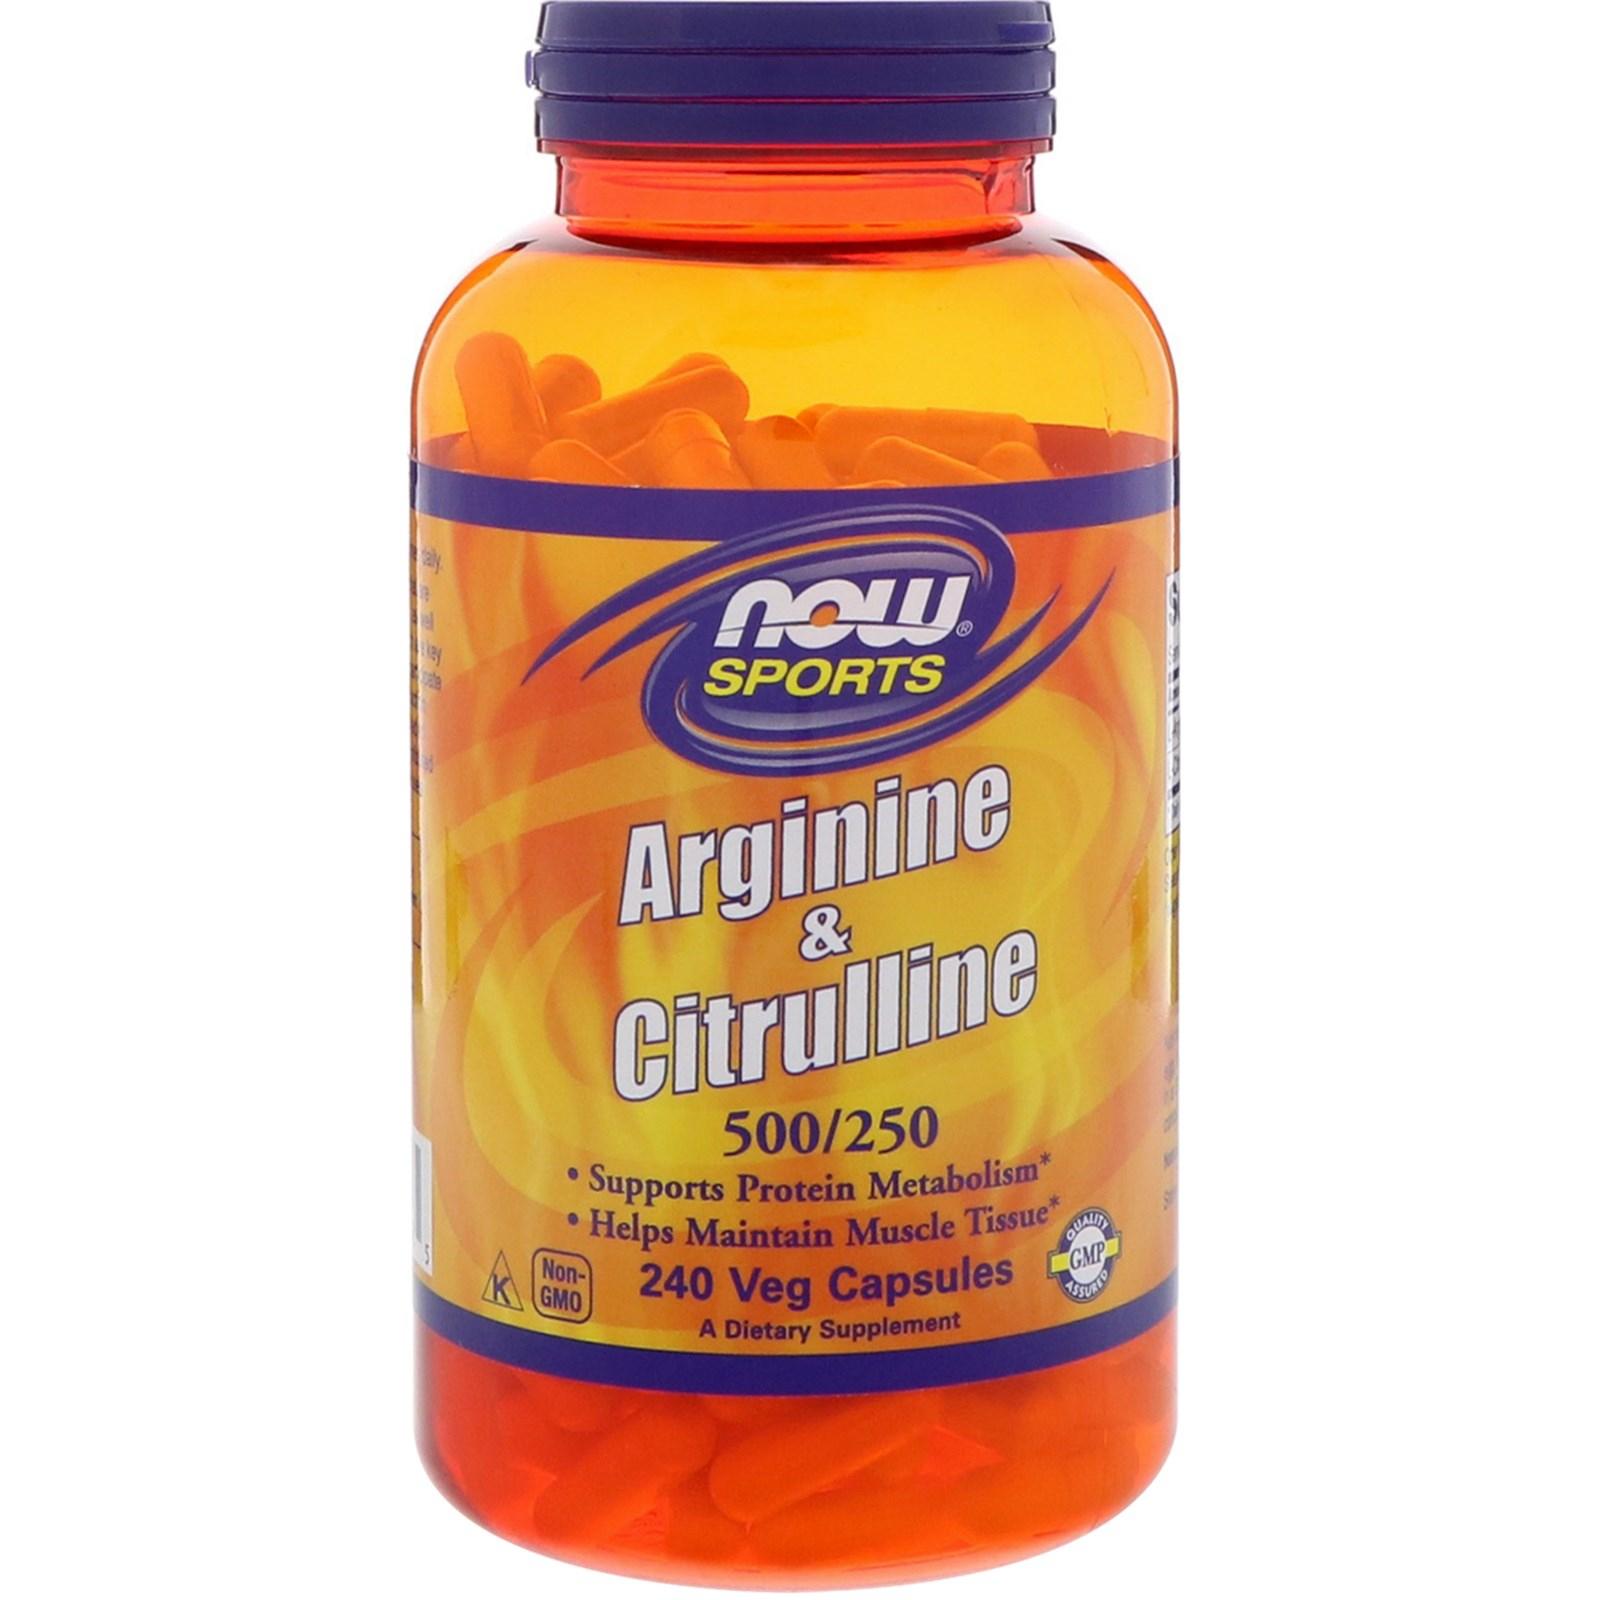 Image of Arginine & Citrulline- 500/250 mg (240 Vegetarian Capsules) - Now Foods 0733739000385